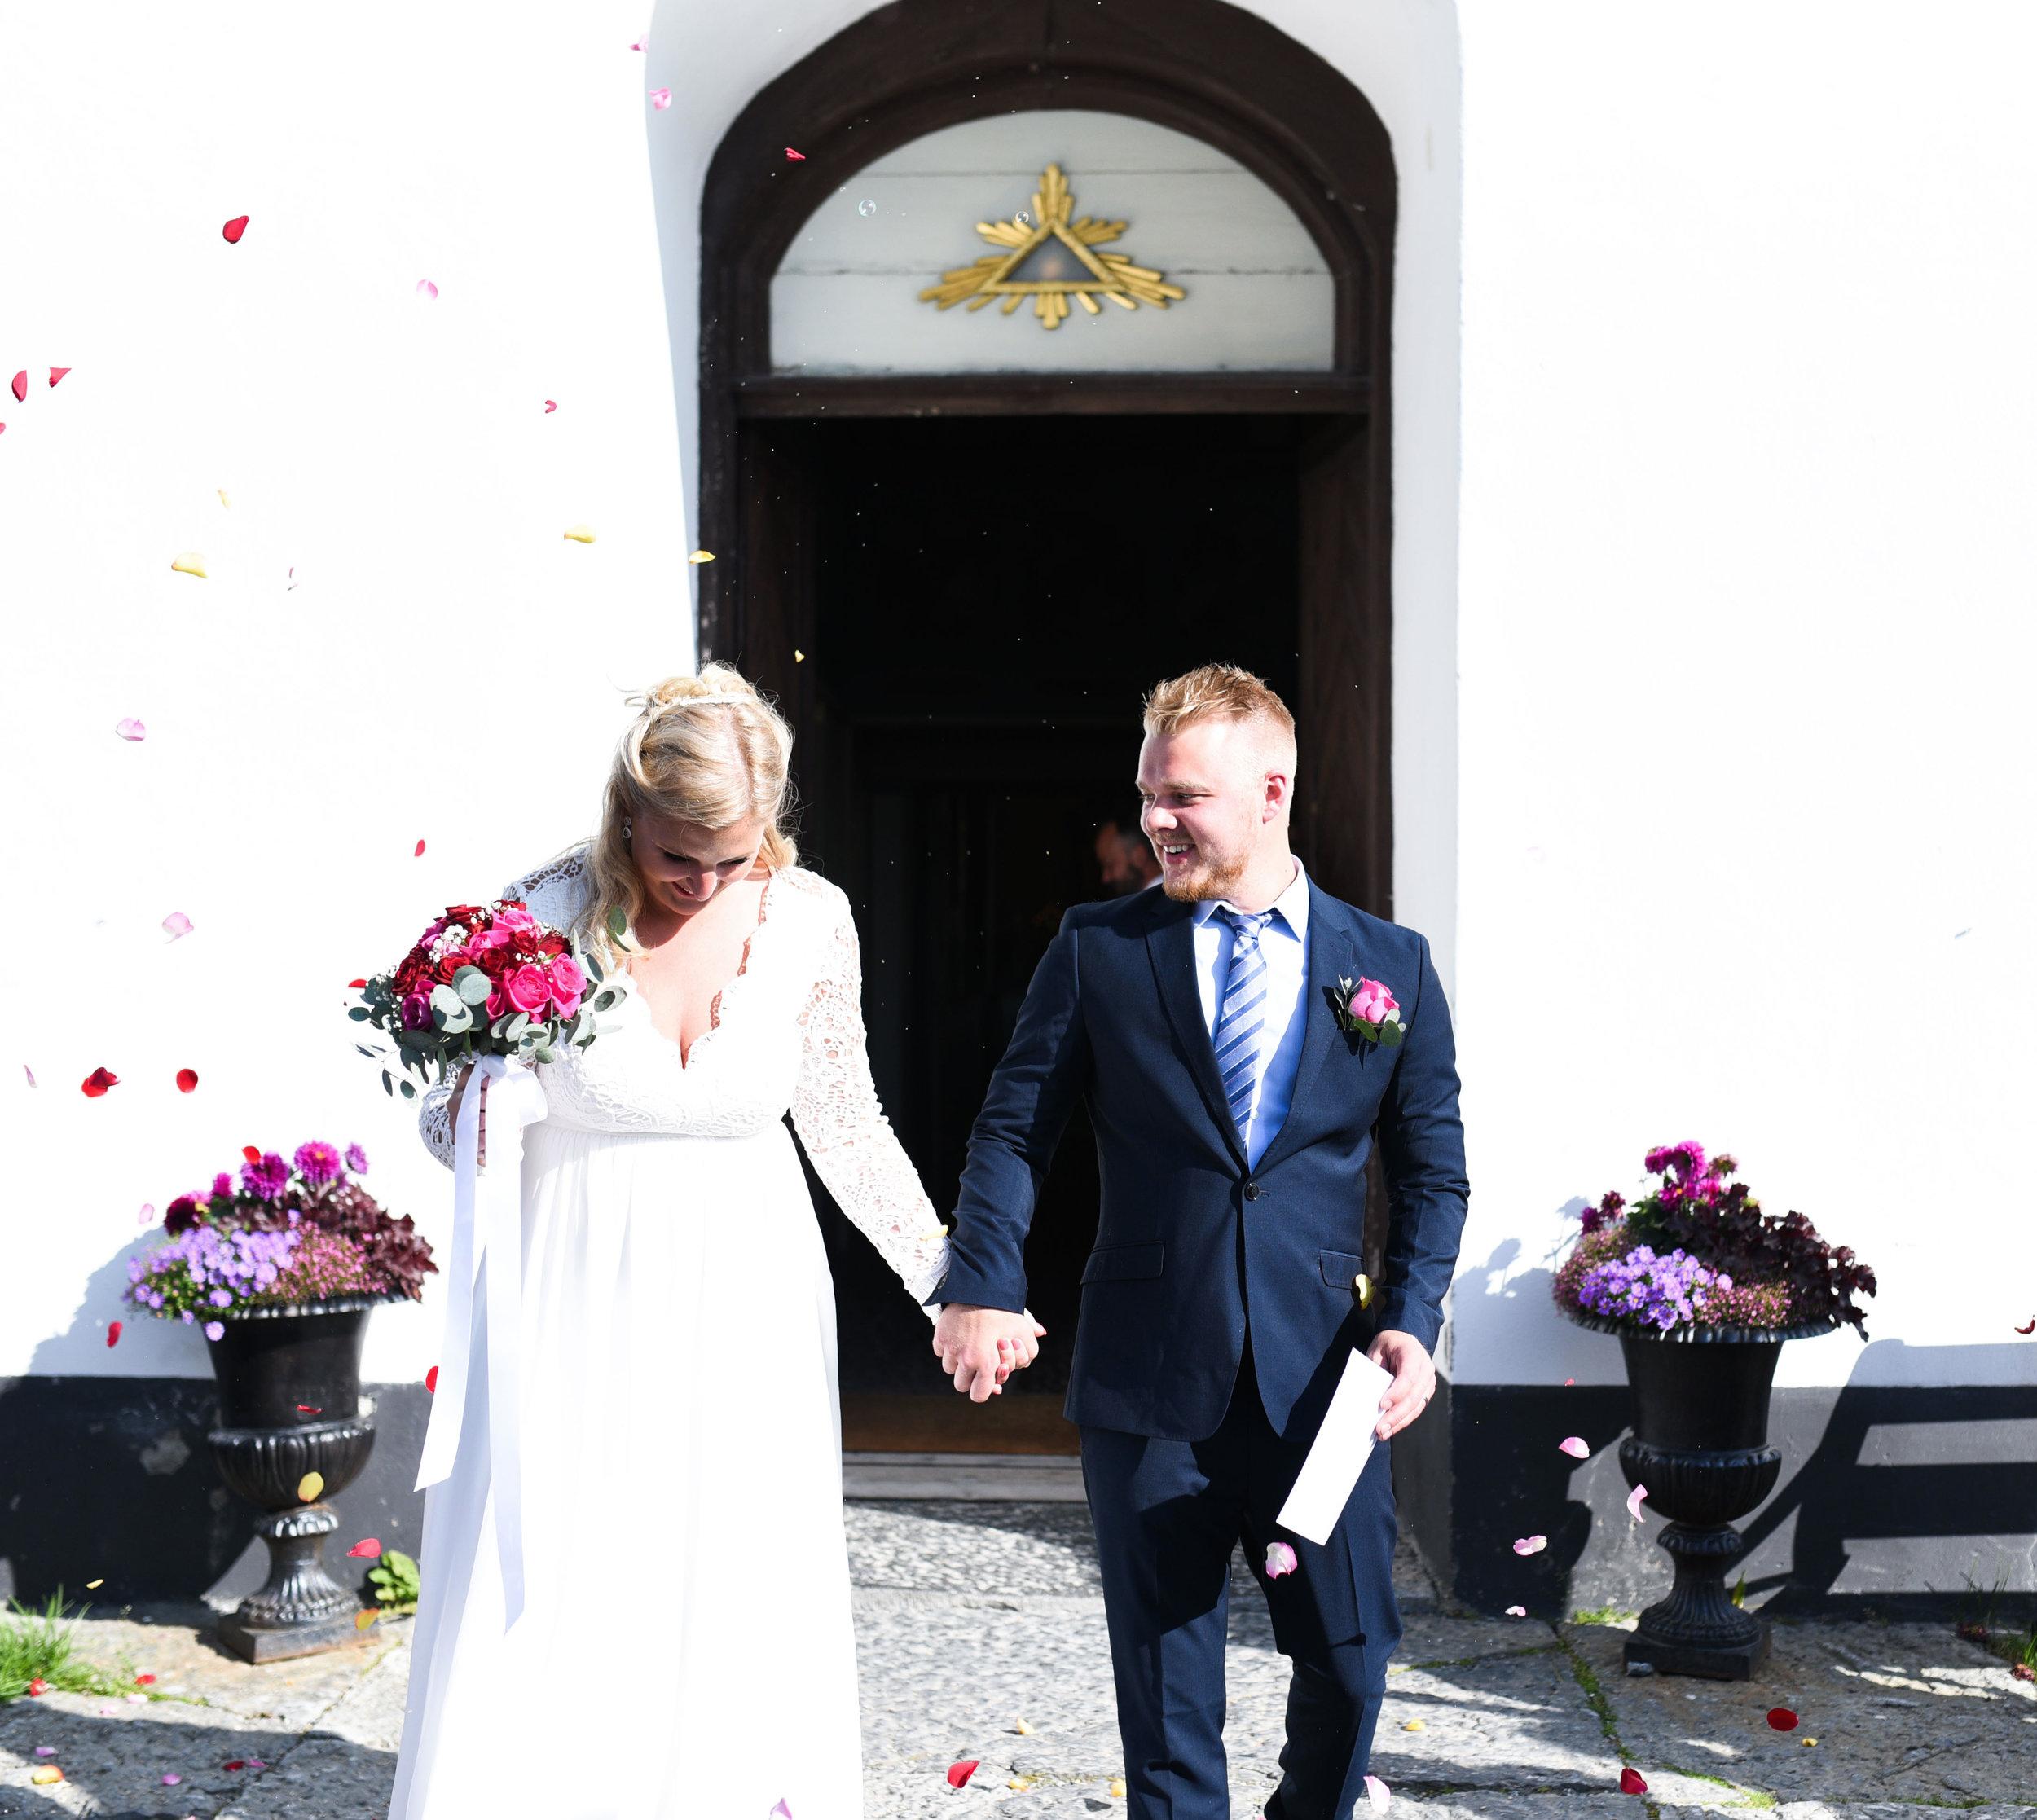 Bröllop2019lågkvall2-5576.jpg